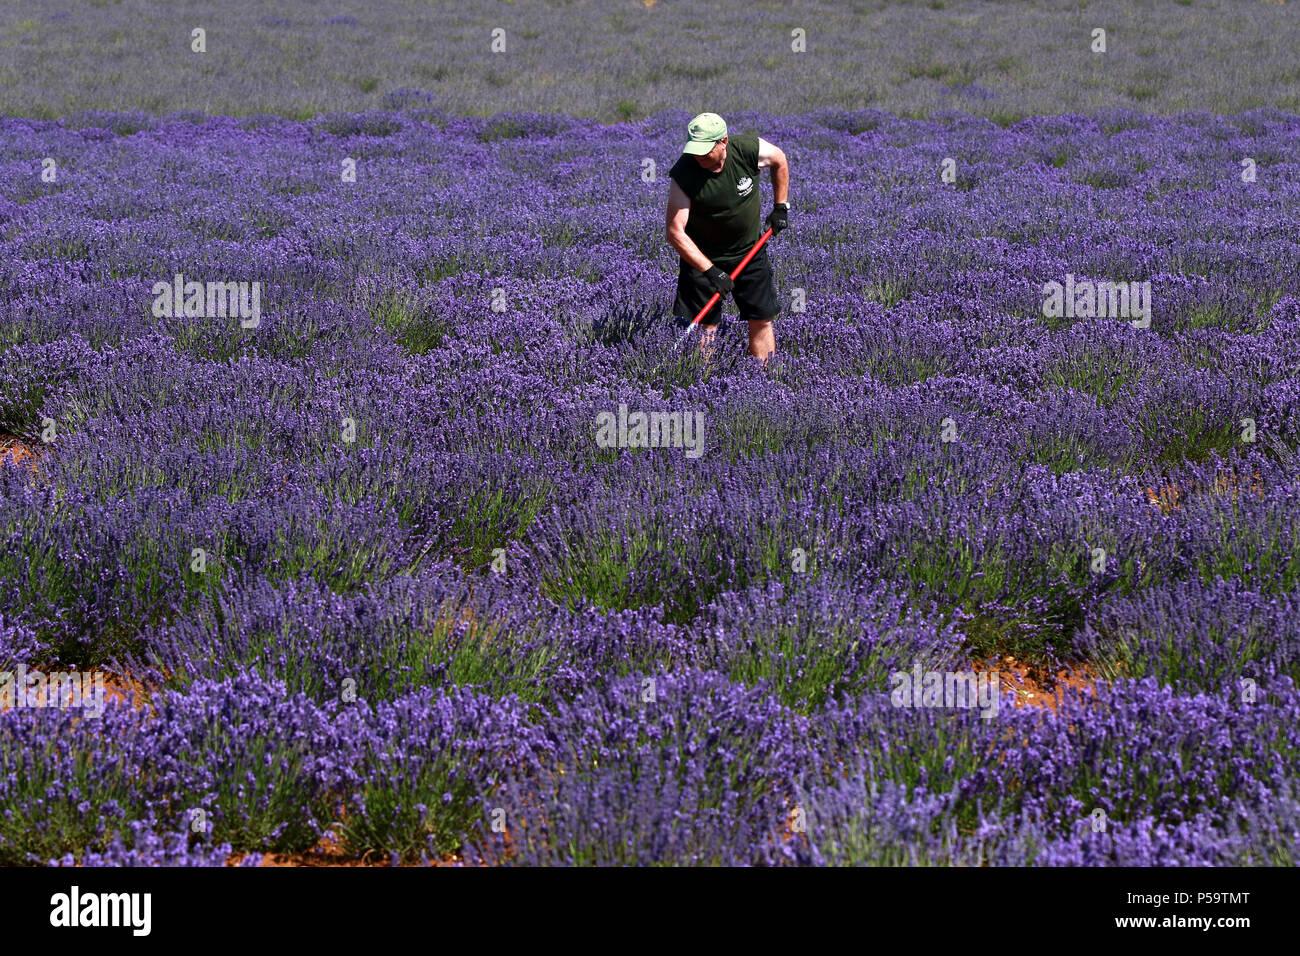 Heacham Norfolk Uk 25th June 2018 Workers At Heacham Lavender